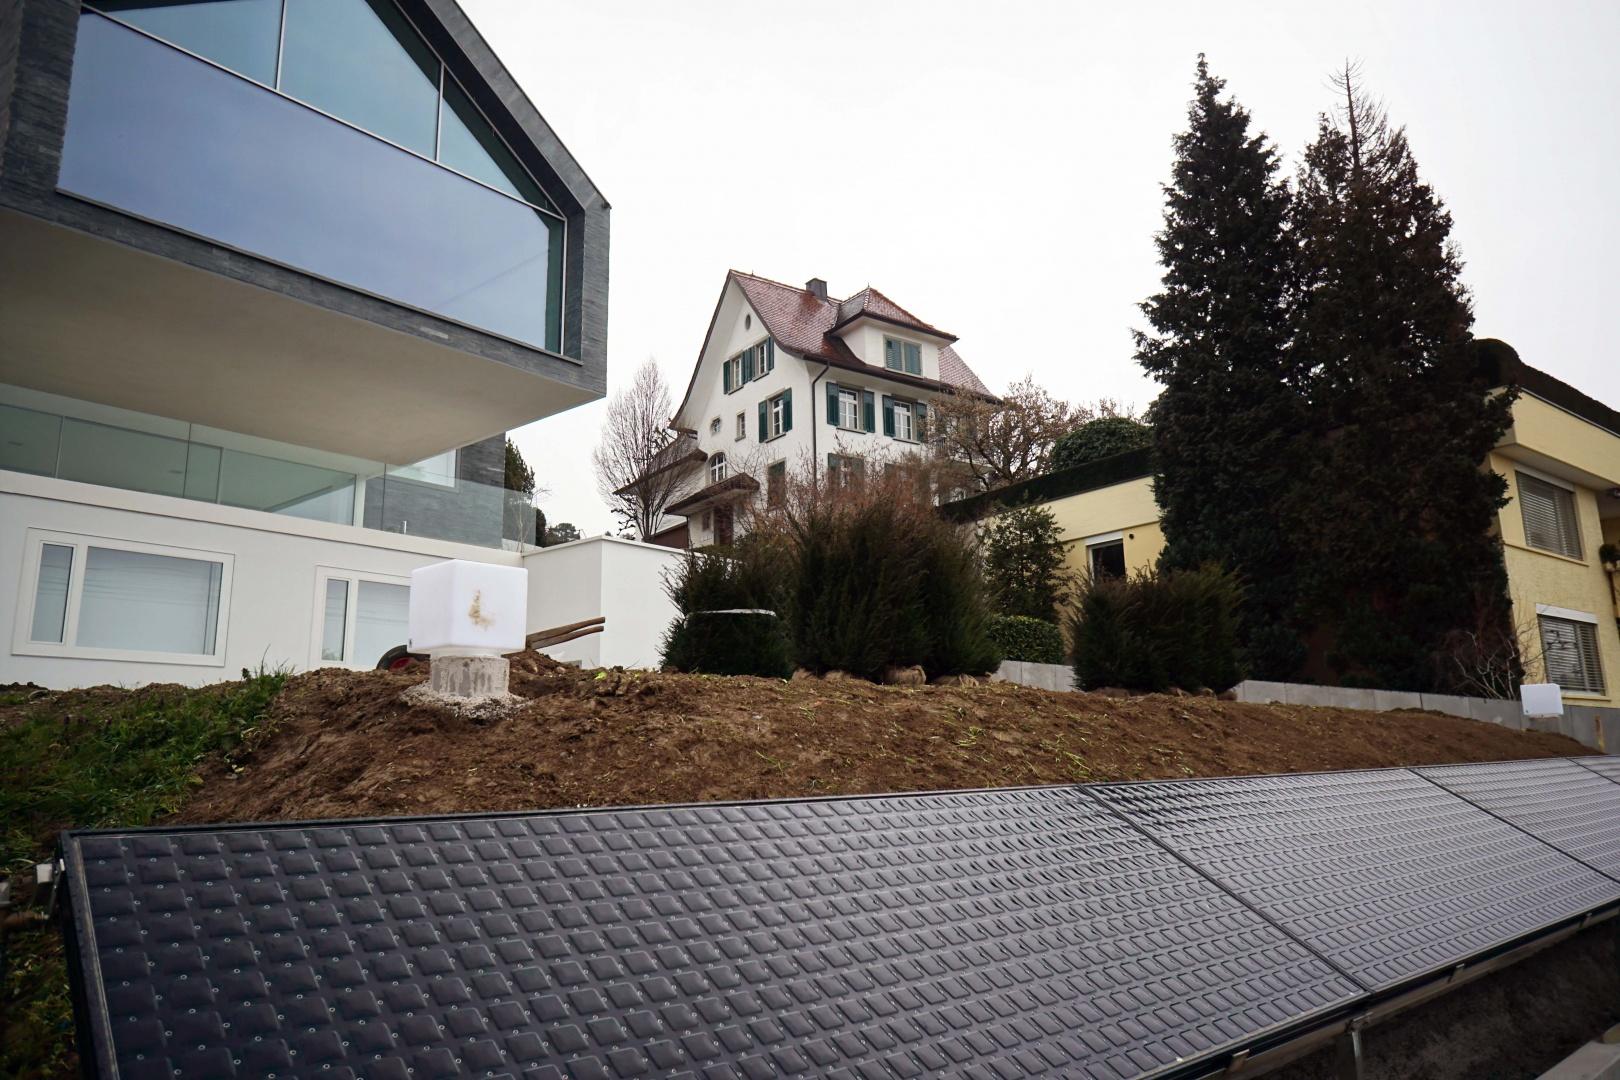 Solaranlage © Nori-SASAKI  Hagenholzstrasse 104a 8050 Zürich